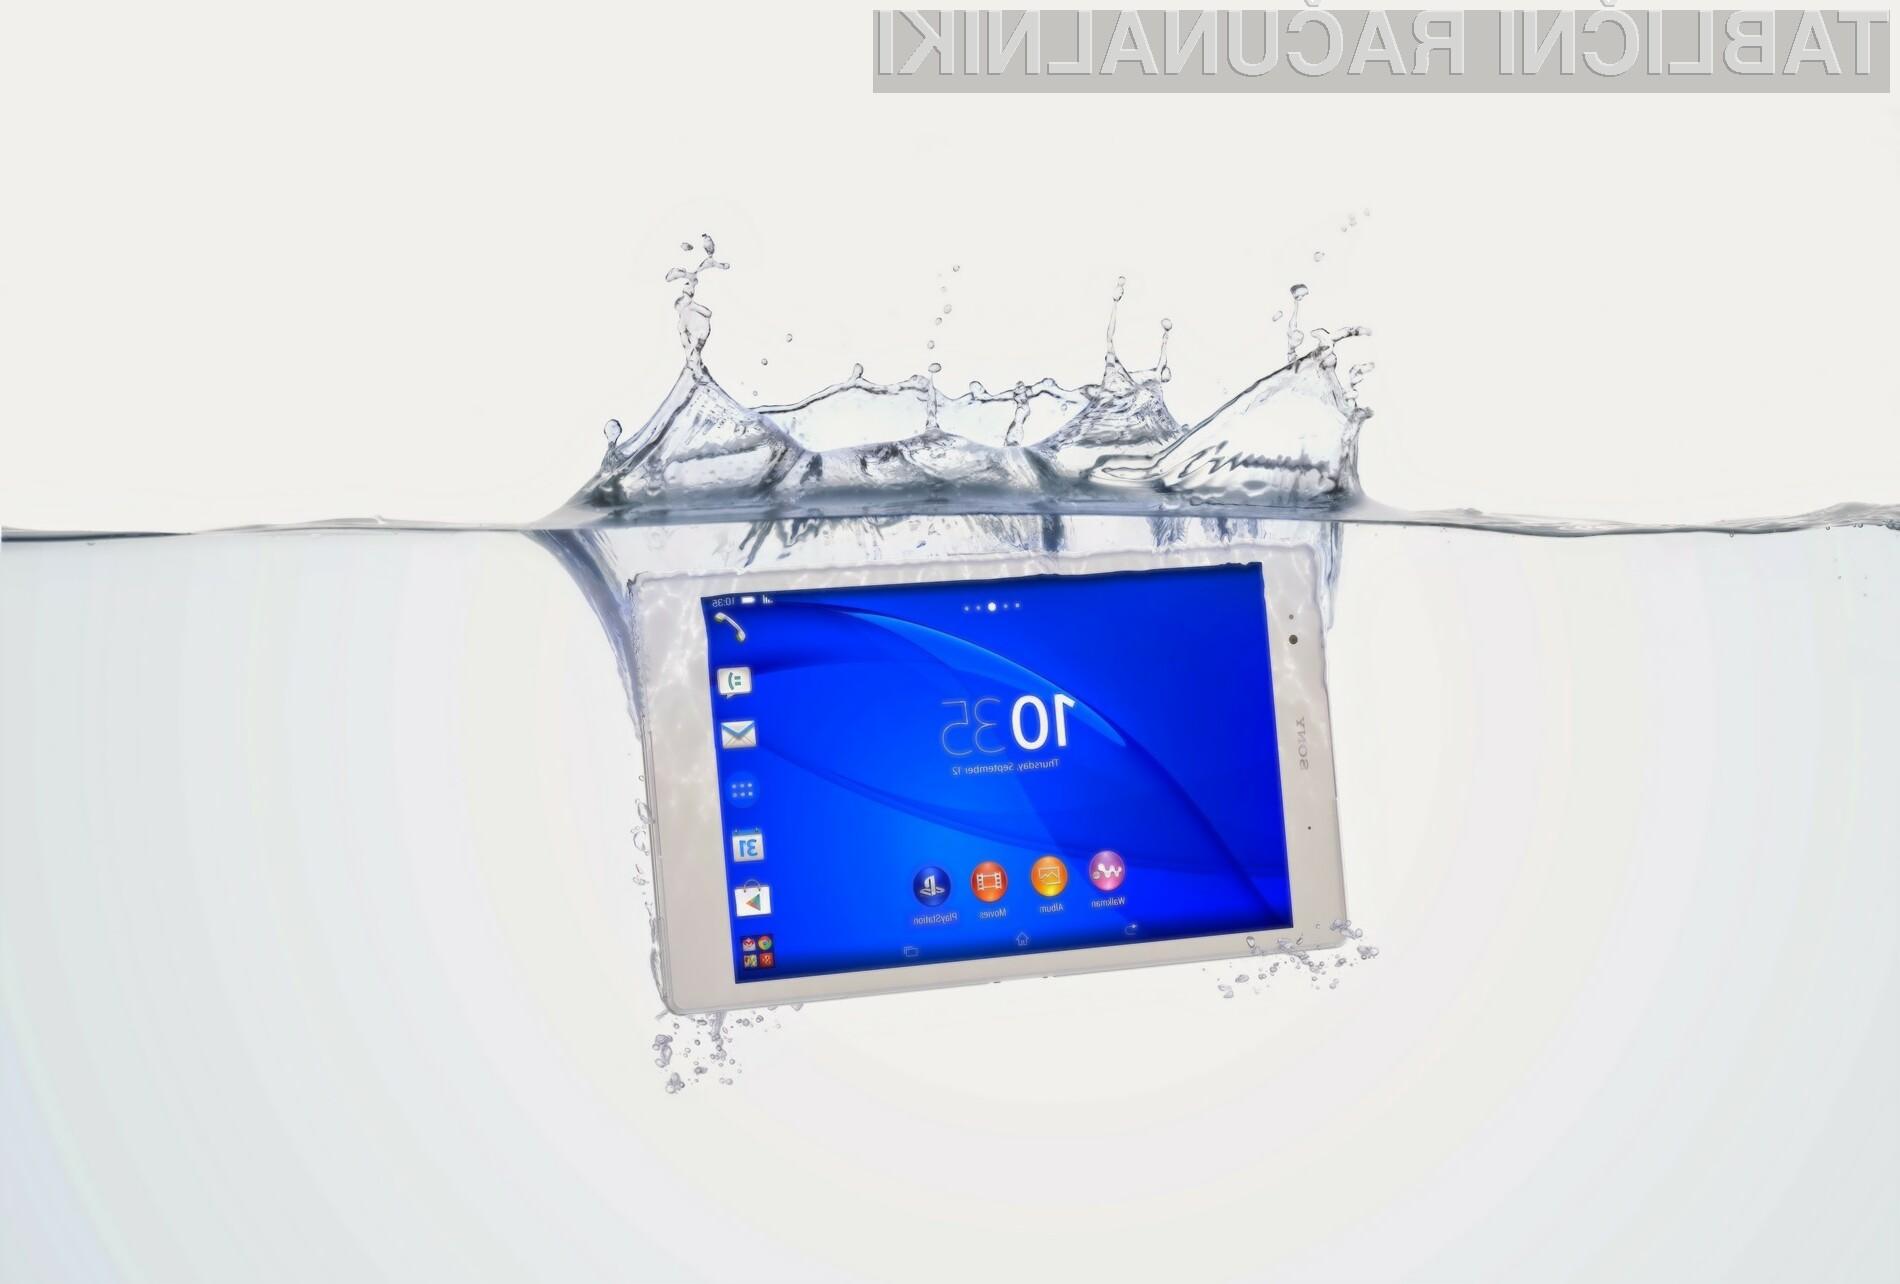 Tablični računalnik Sony Xperia Z3 Tablet Compact bo zlahka opravil z vso konkurenco!